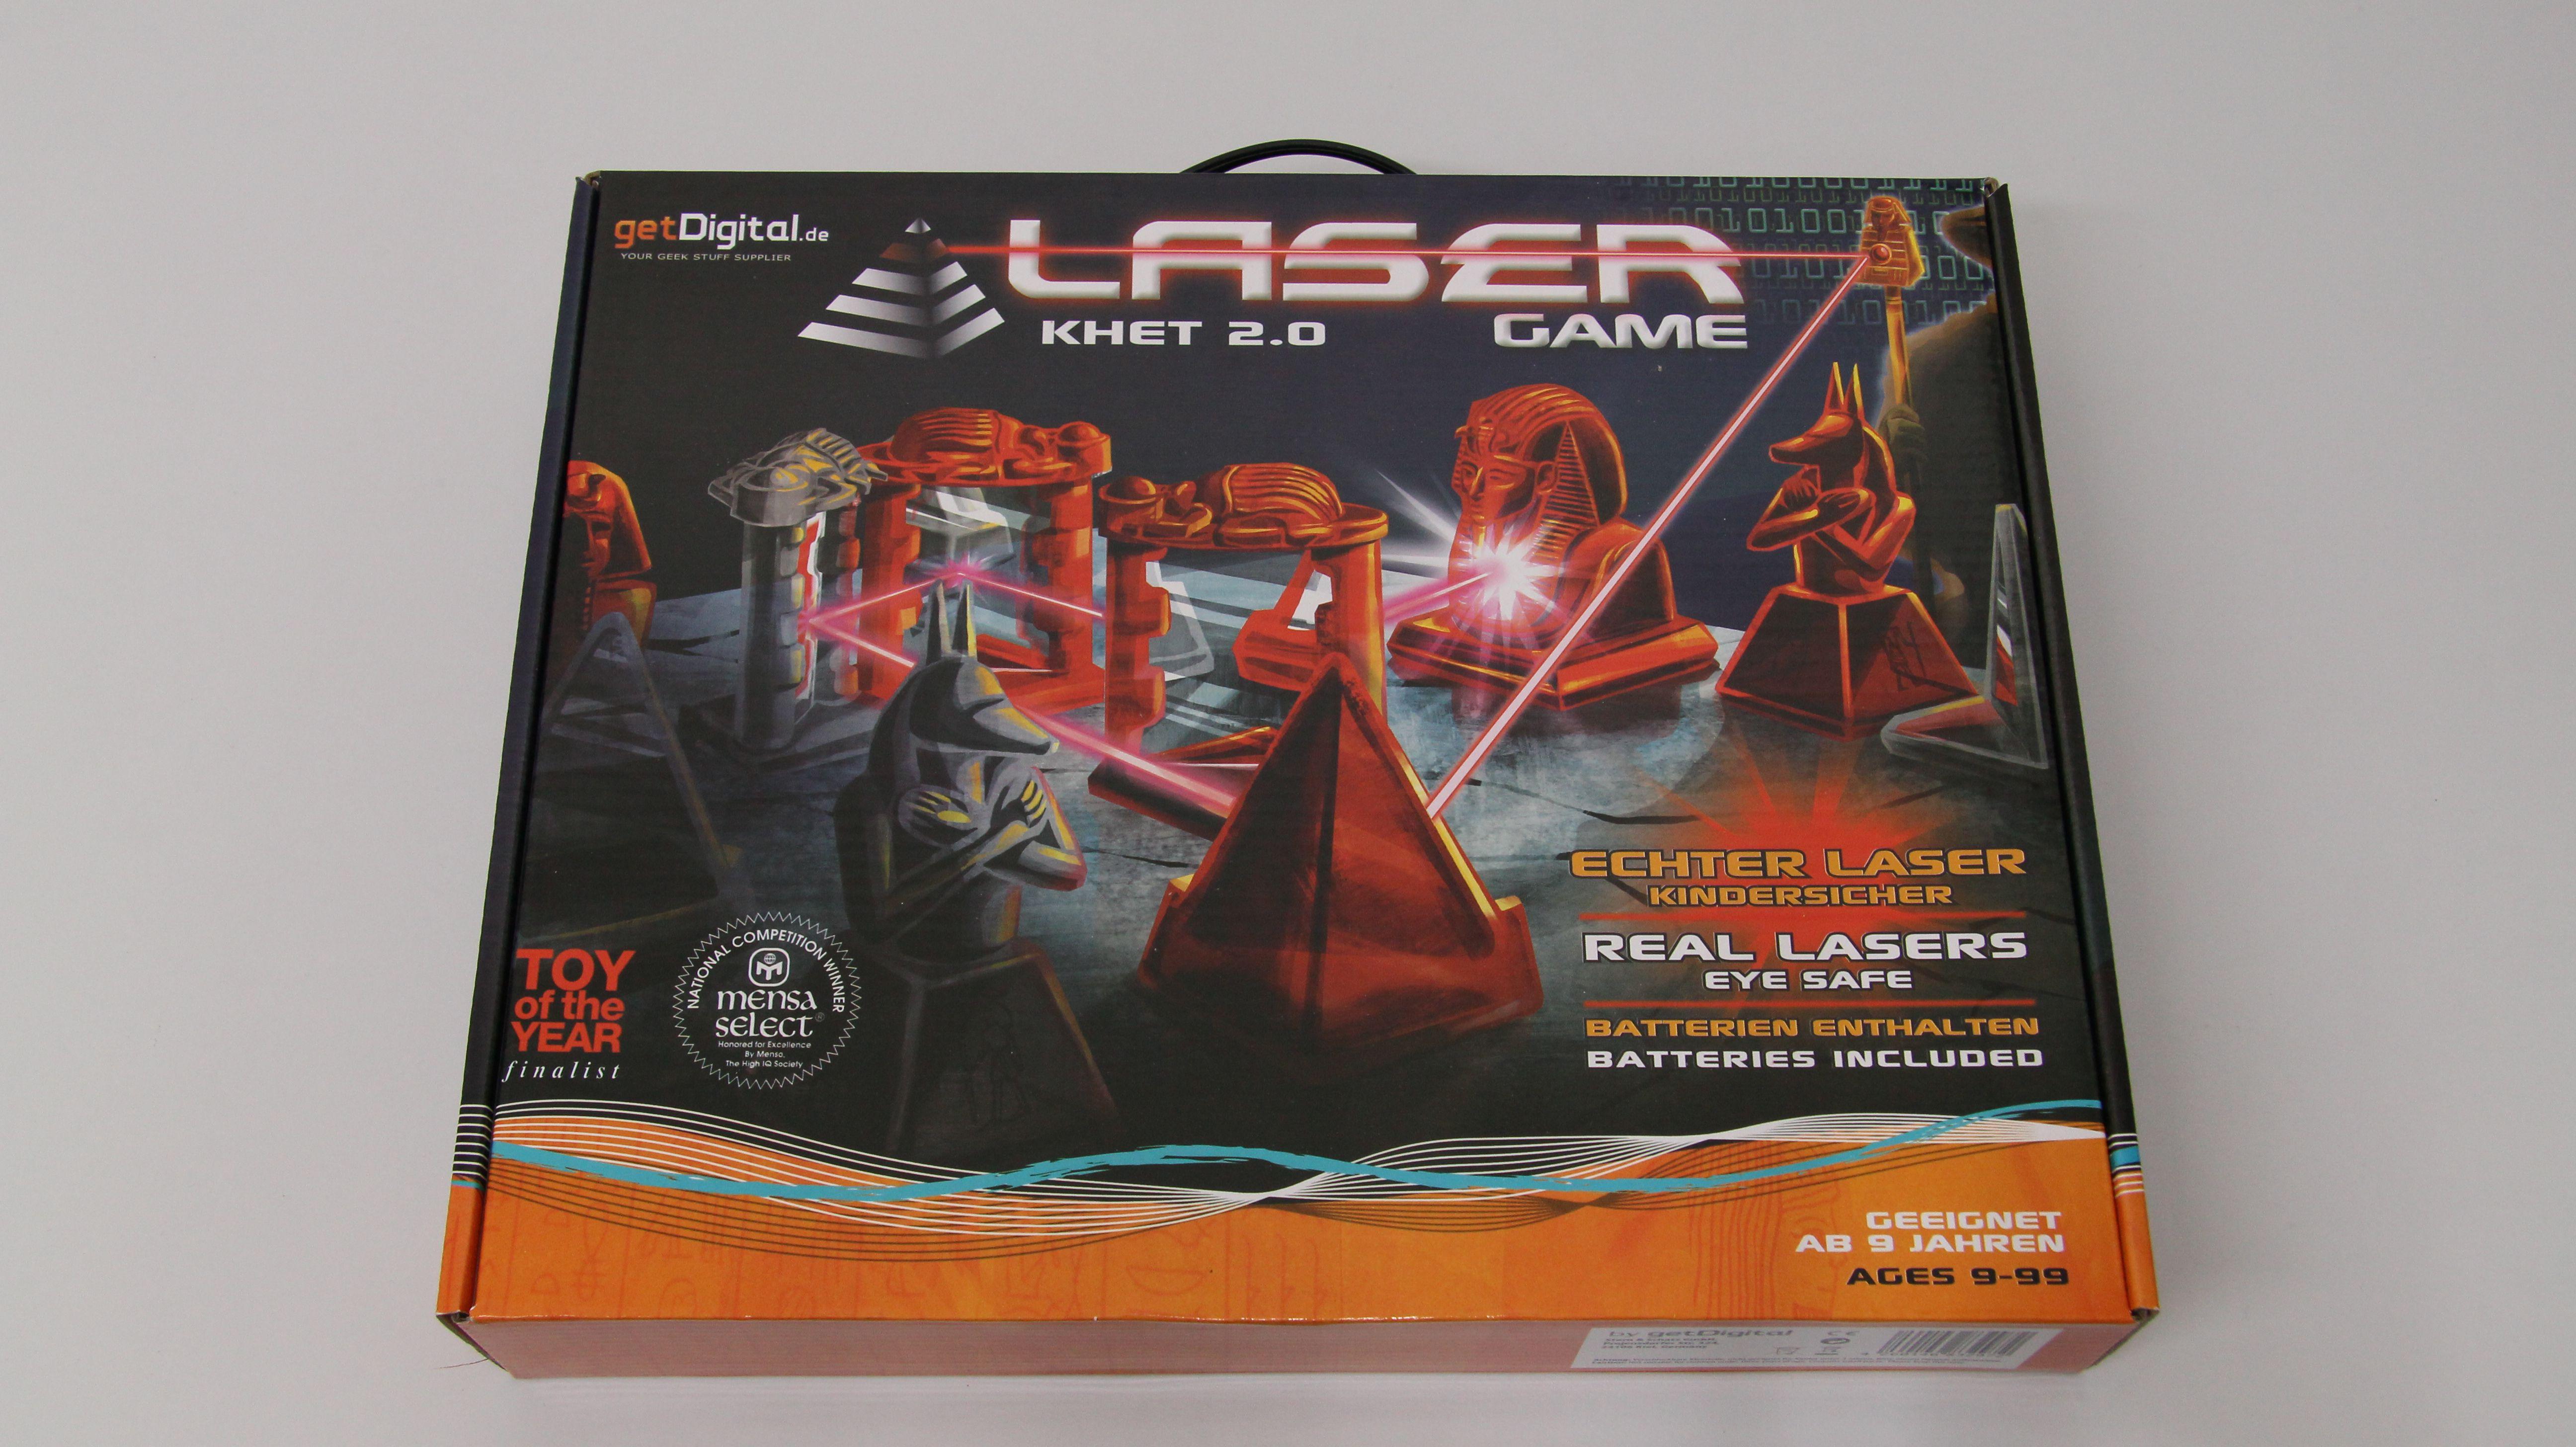 Supportnet-testet--Khet-2.0-Das-Laserspiel-Boxshot-470.JPG?nocache=1324561648037